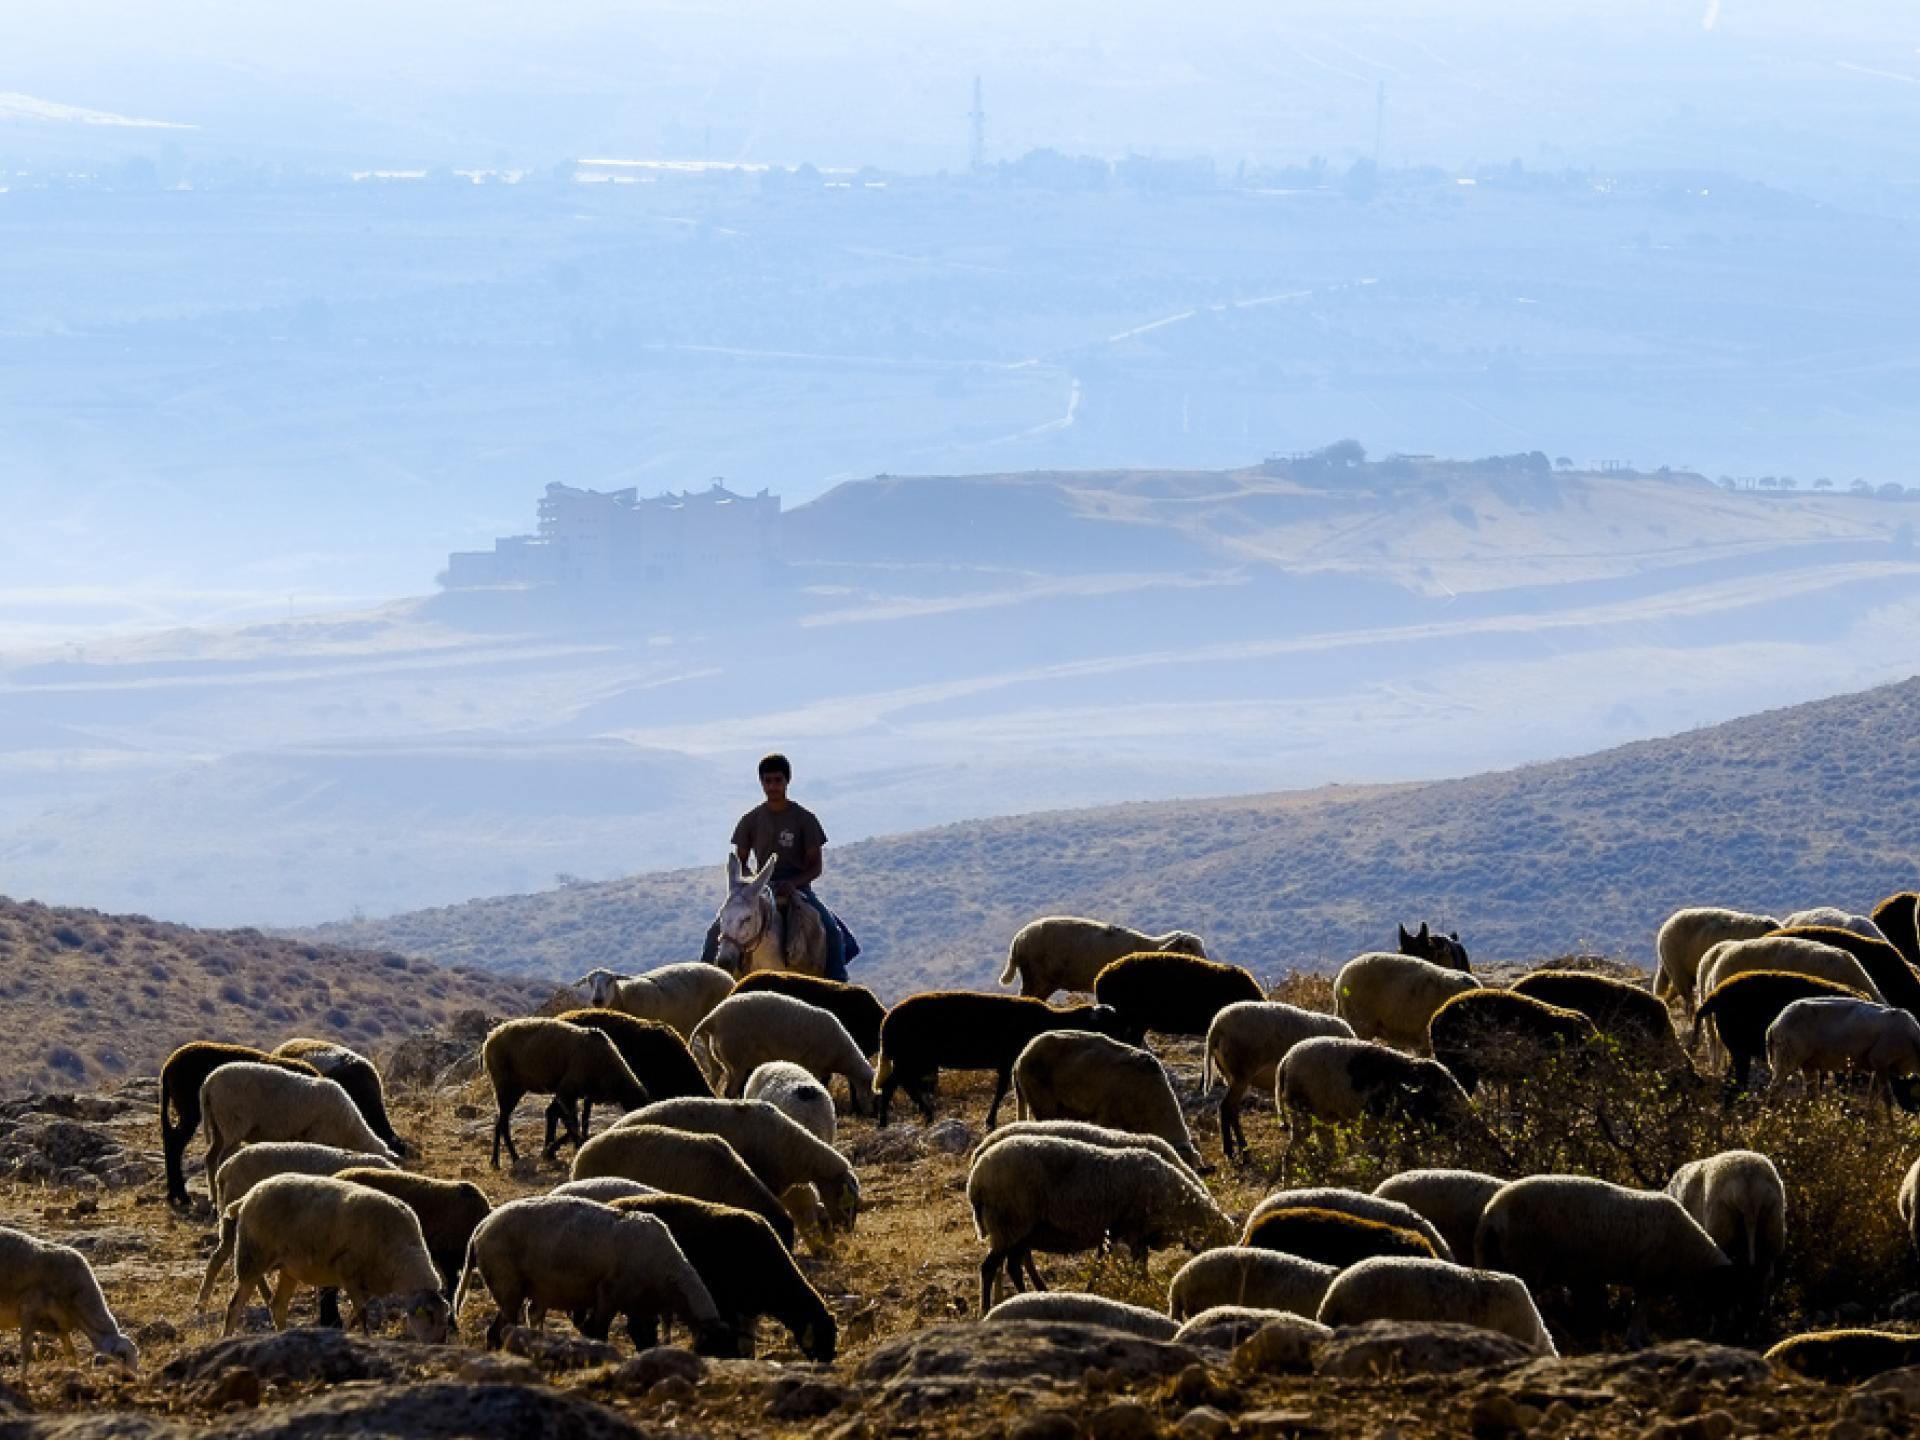 מאחז שירת העשבים: נער מתנחל על חמור רועה כבשים באין מפריע בתוך שטח אש